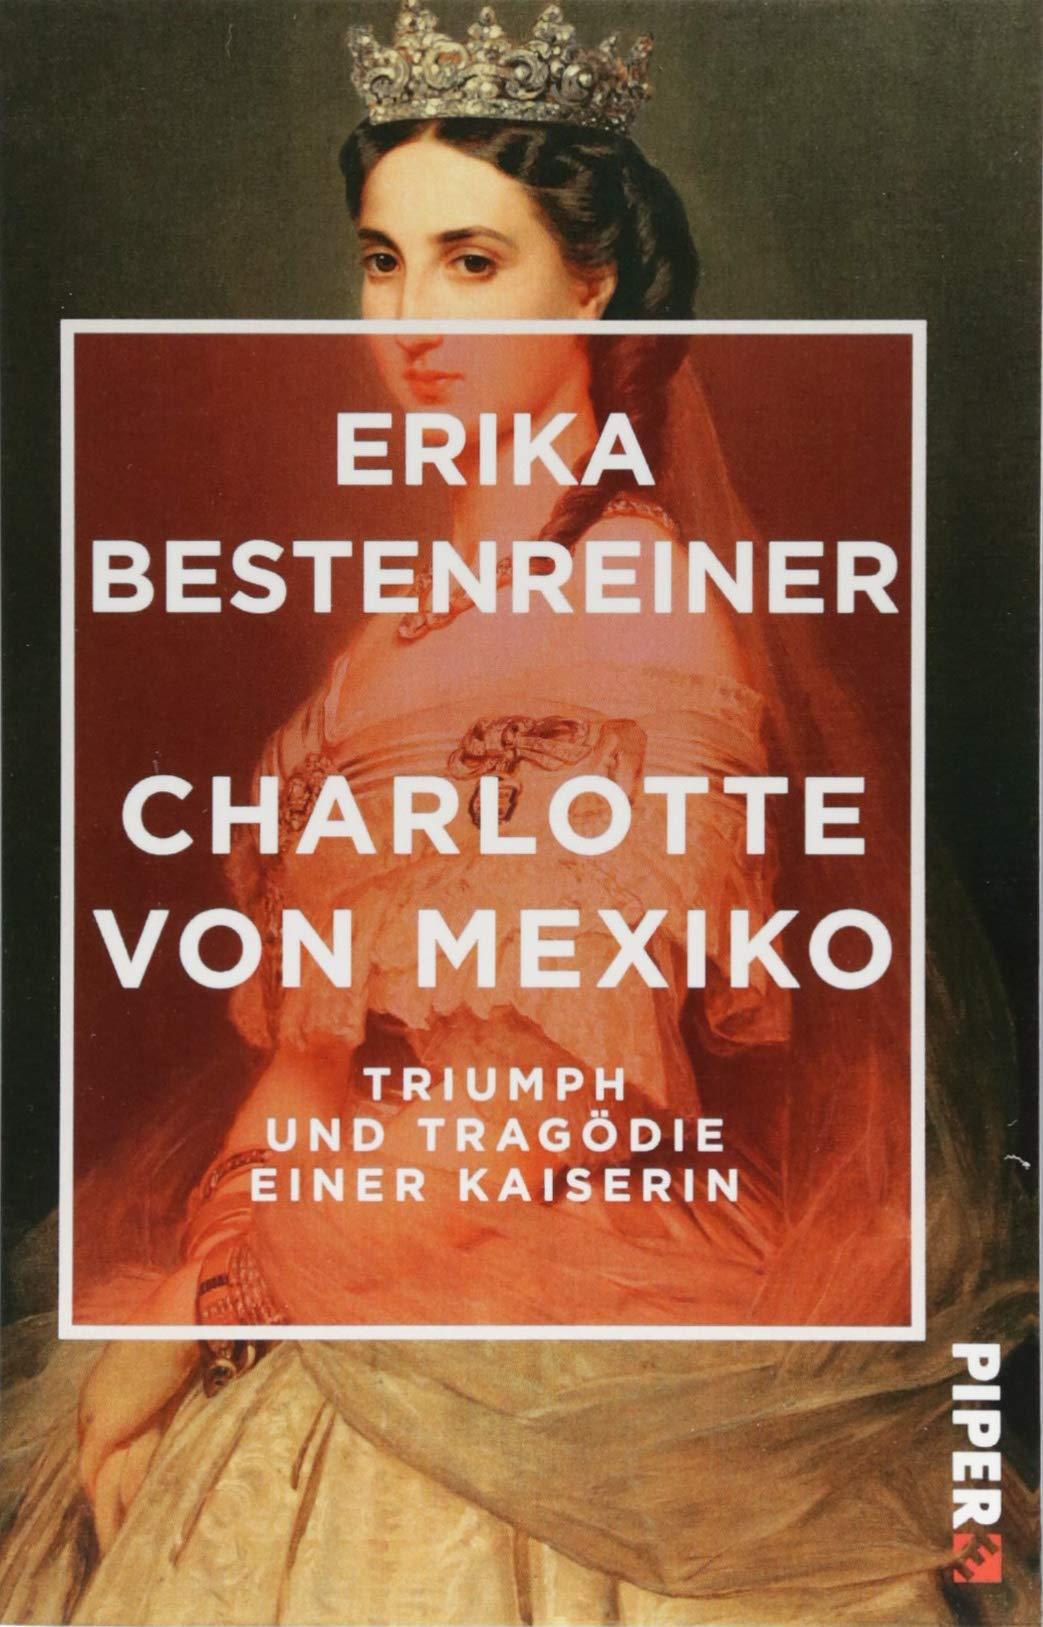 Charlotte von Mexiko: Triumph und Tragödie einer Kaiserin